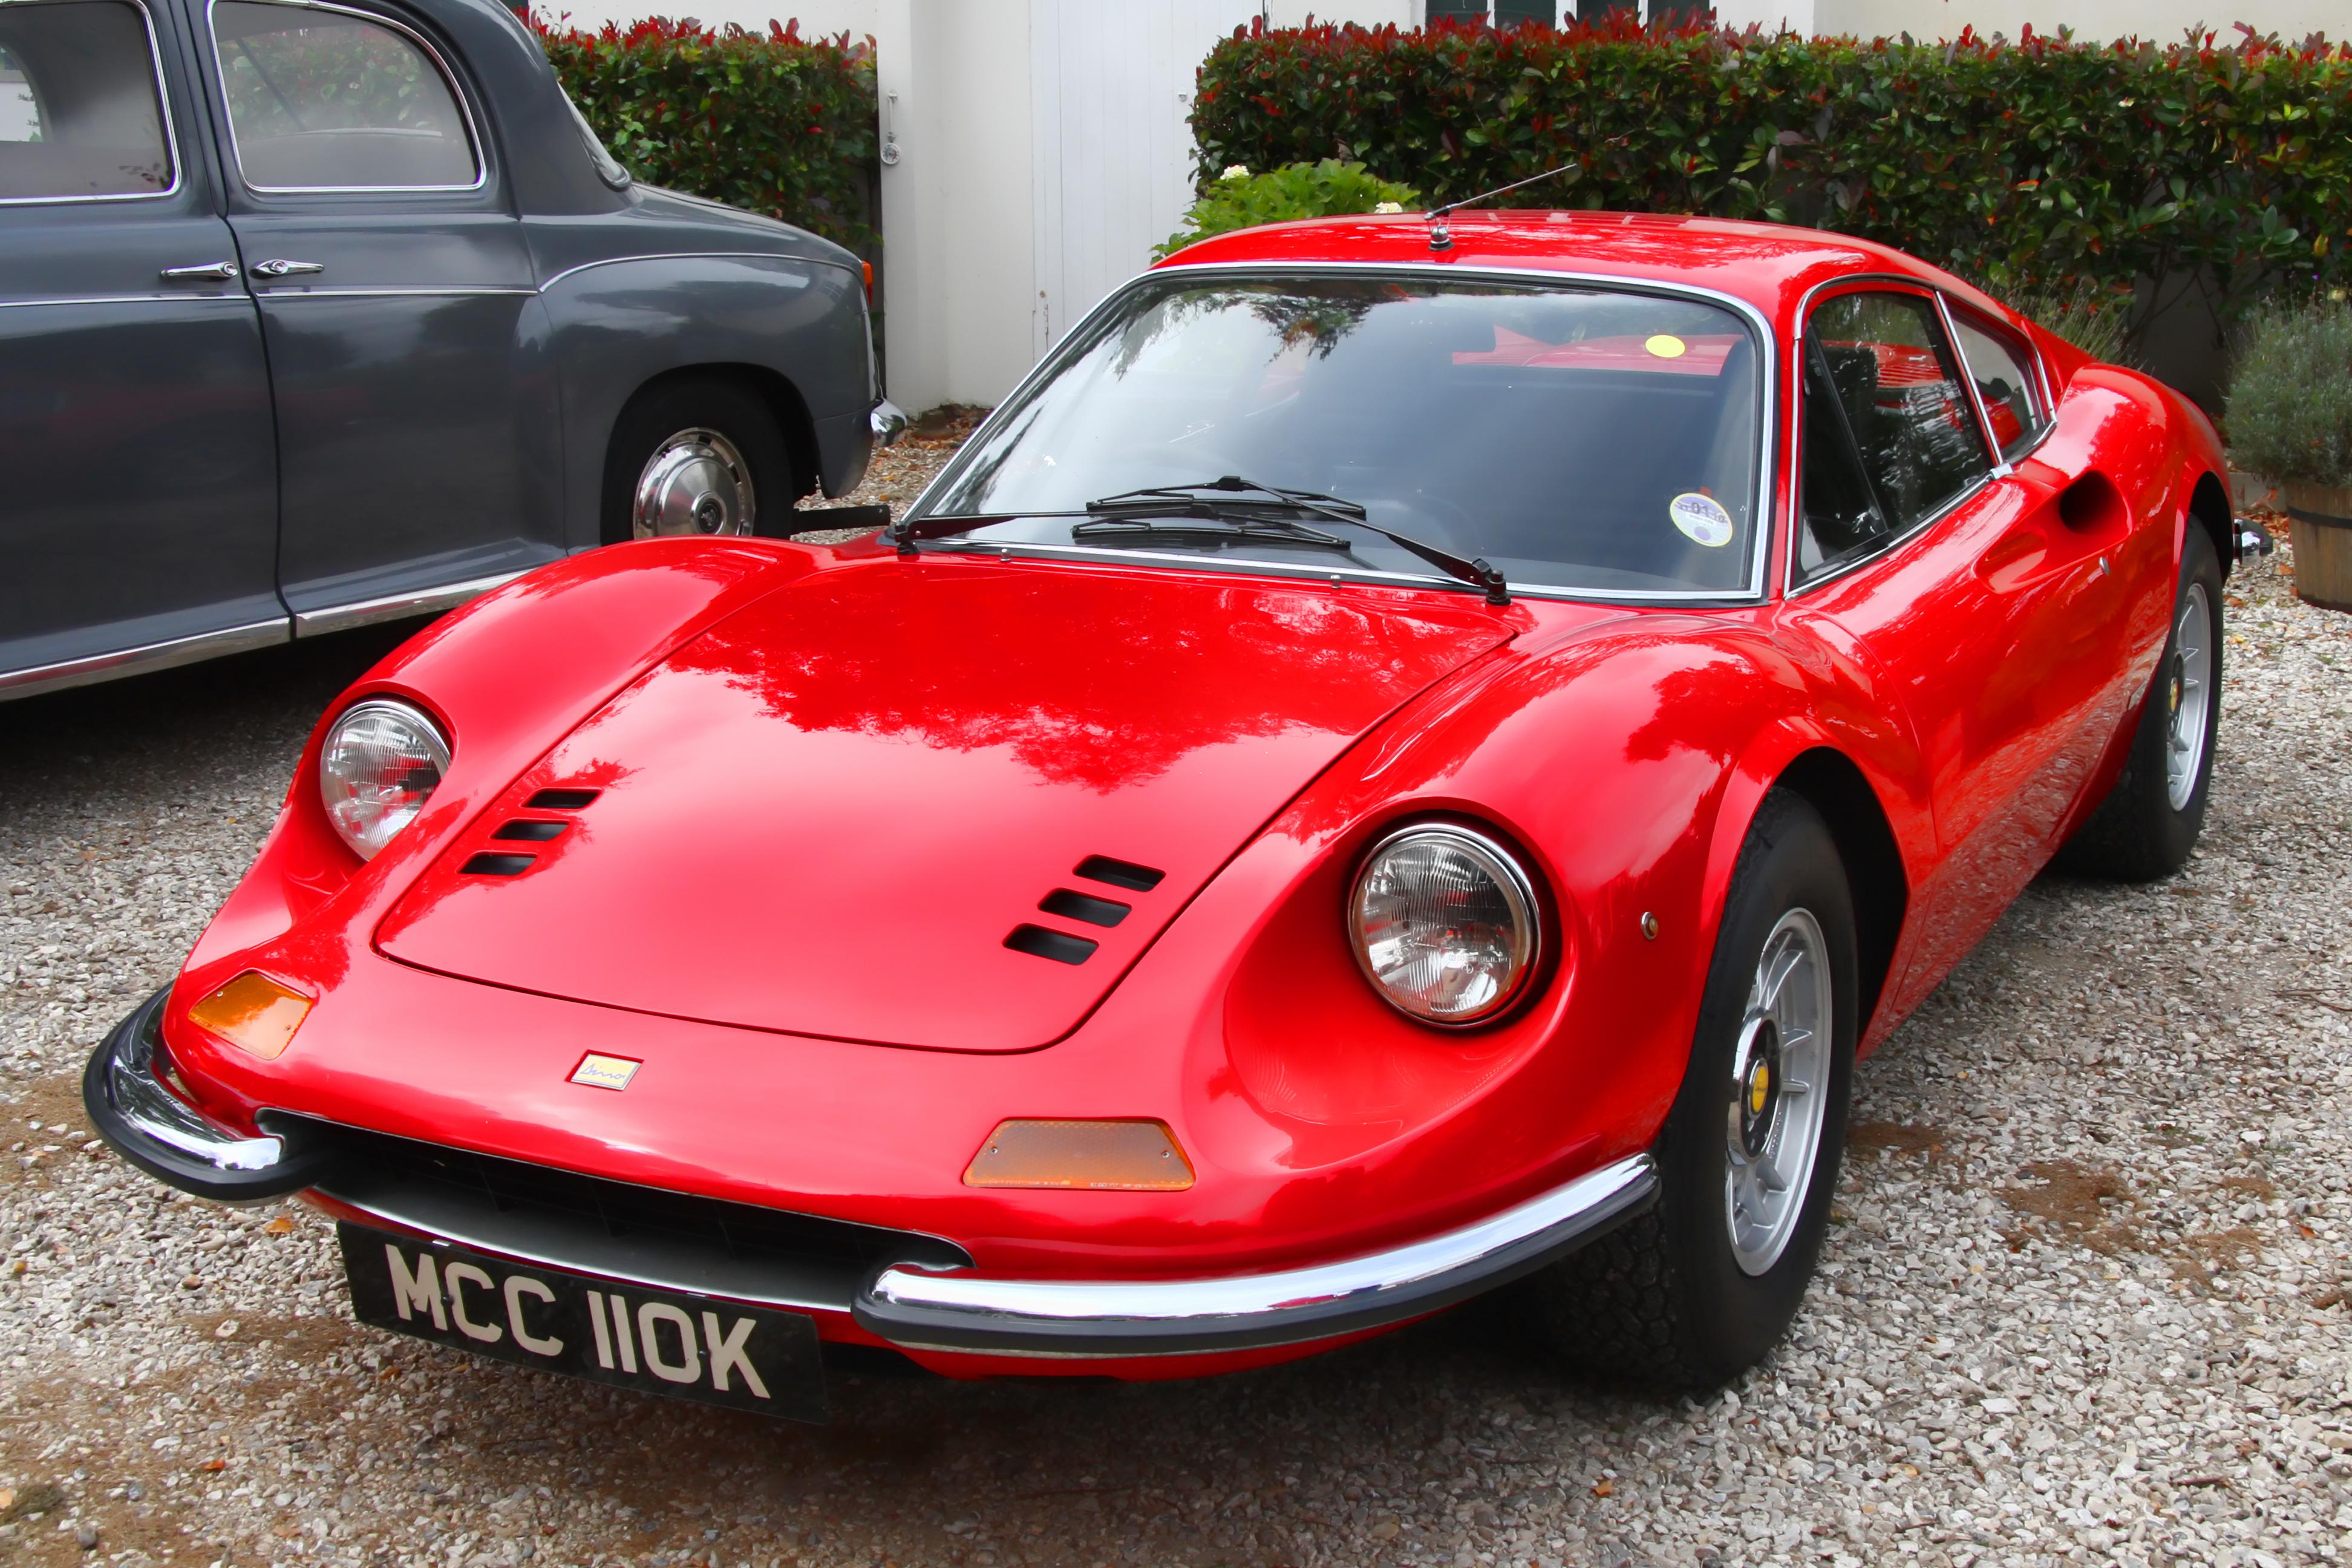 Puma Red Ferrari Shoes